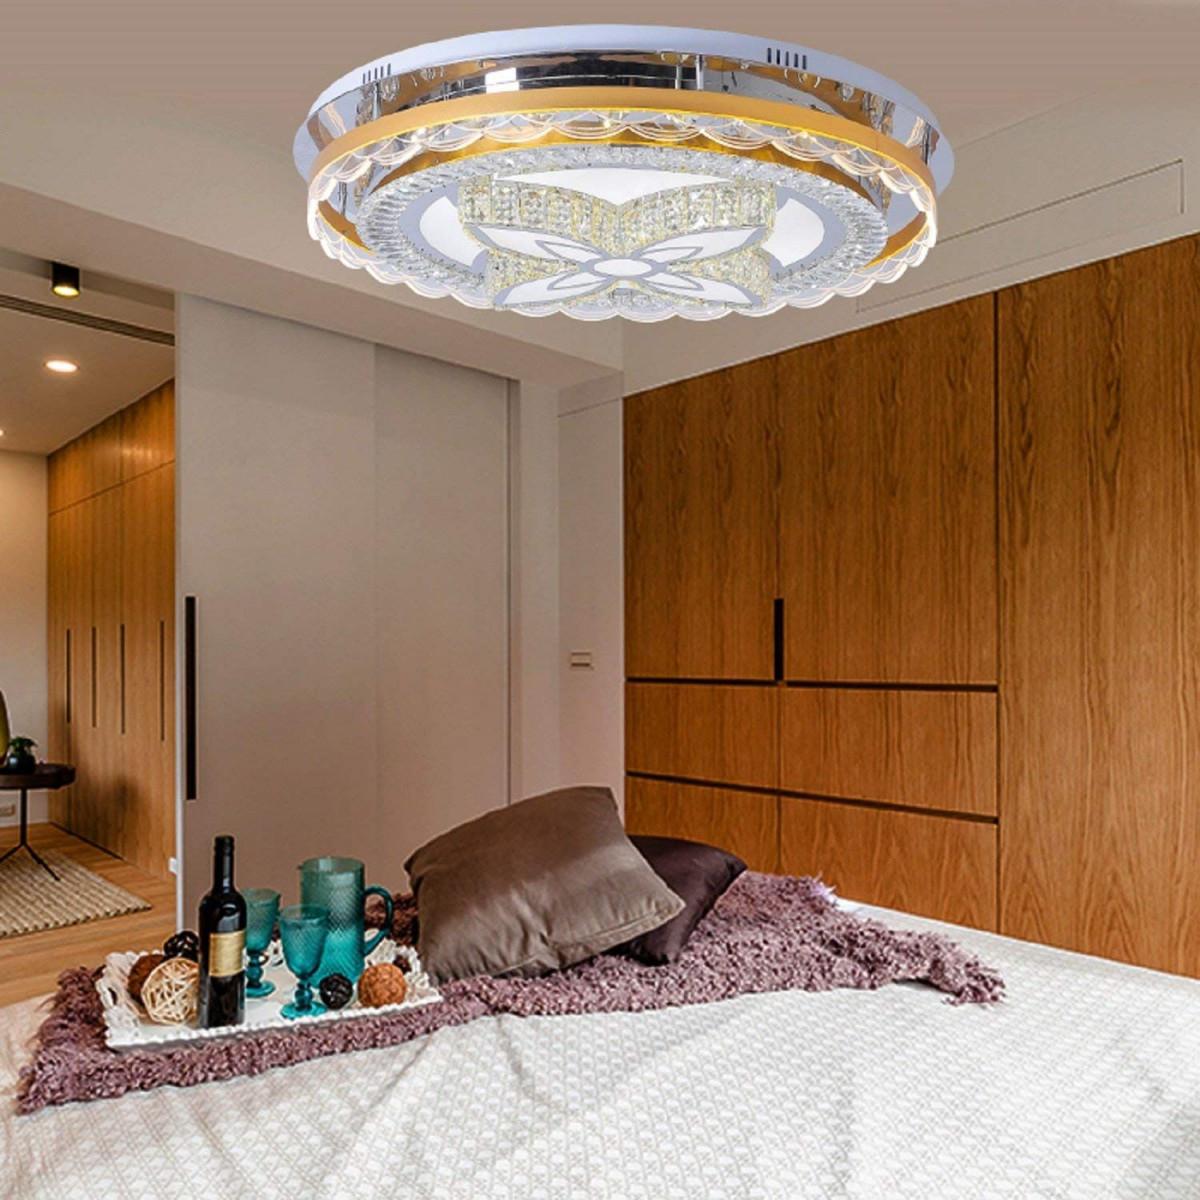 Waineg Moderne Luxus Atmosphäre Runde Led Deckenleuchte von Led Wohnzimmer Lampe Bild